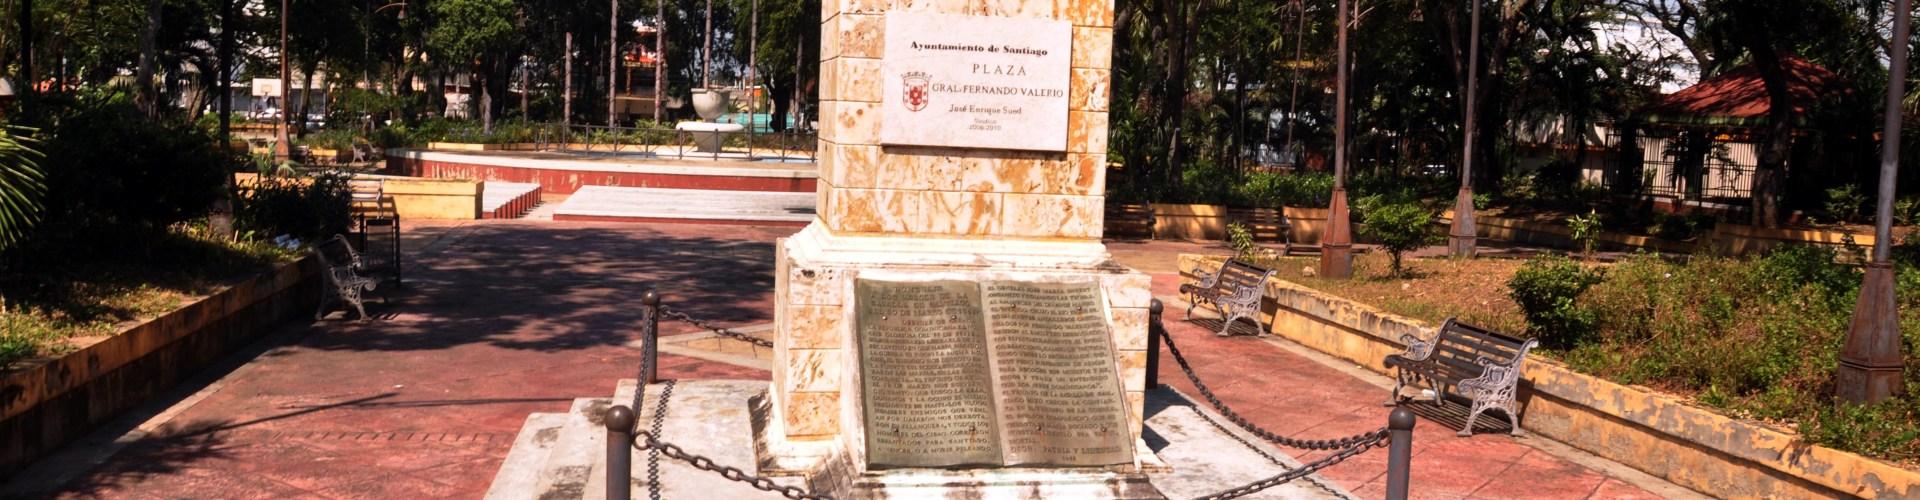 Pedirán reacondicionen Plaza Valerio